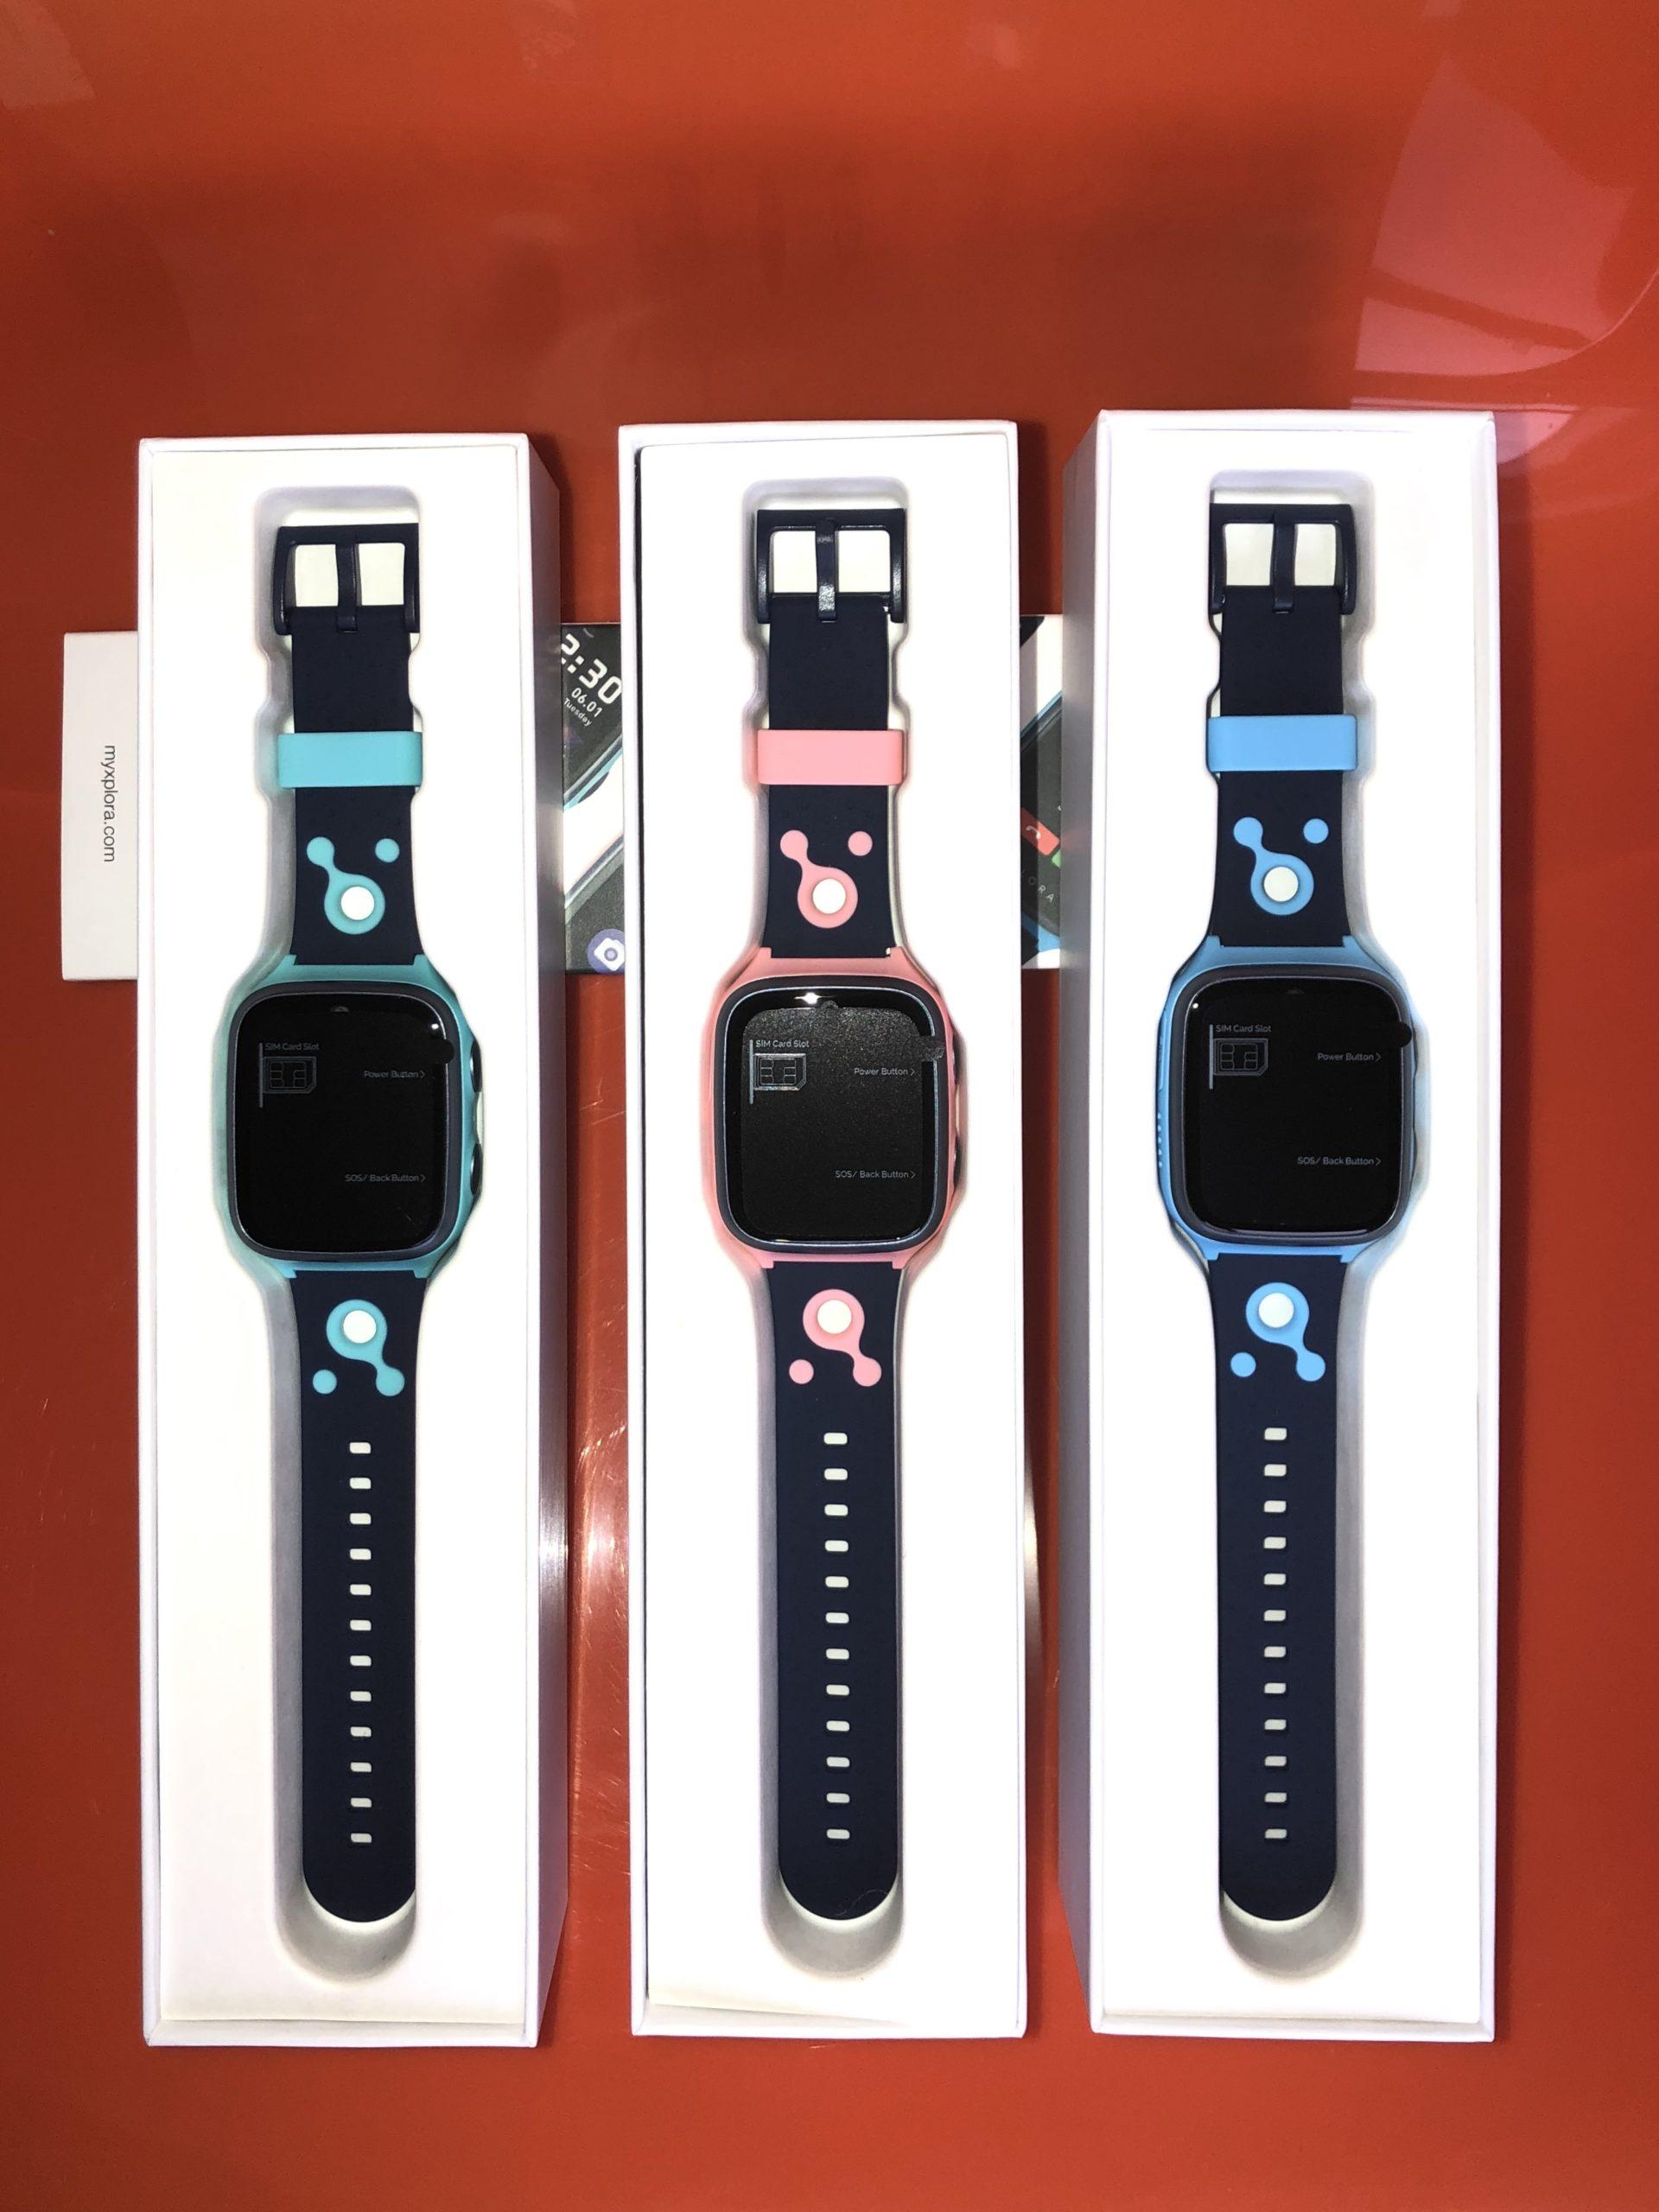 Tre smartklokker fra Xplora i fargene turkis, rosa og blå.